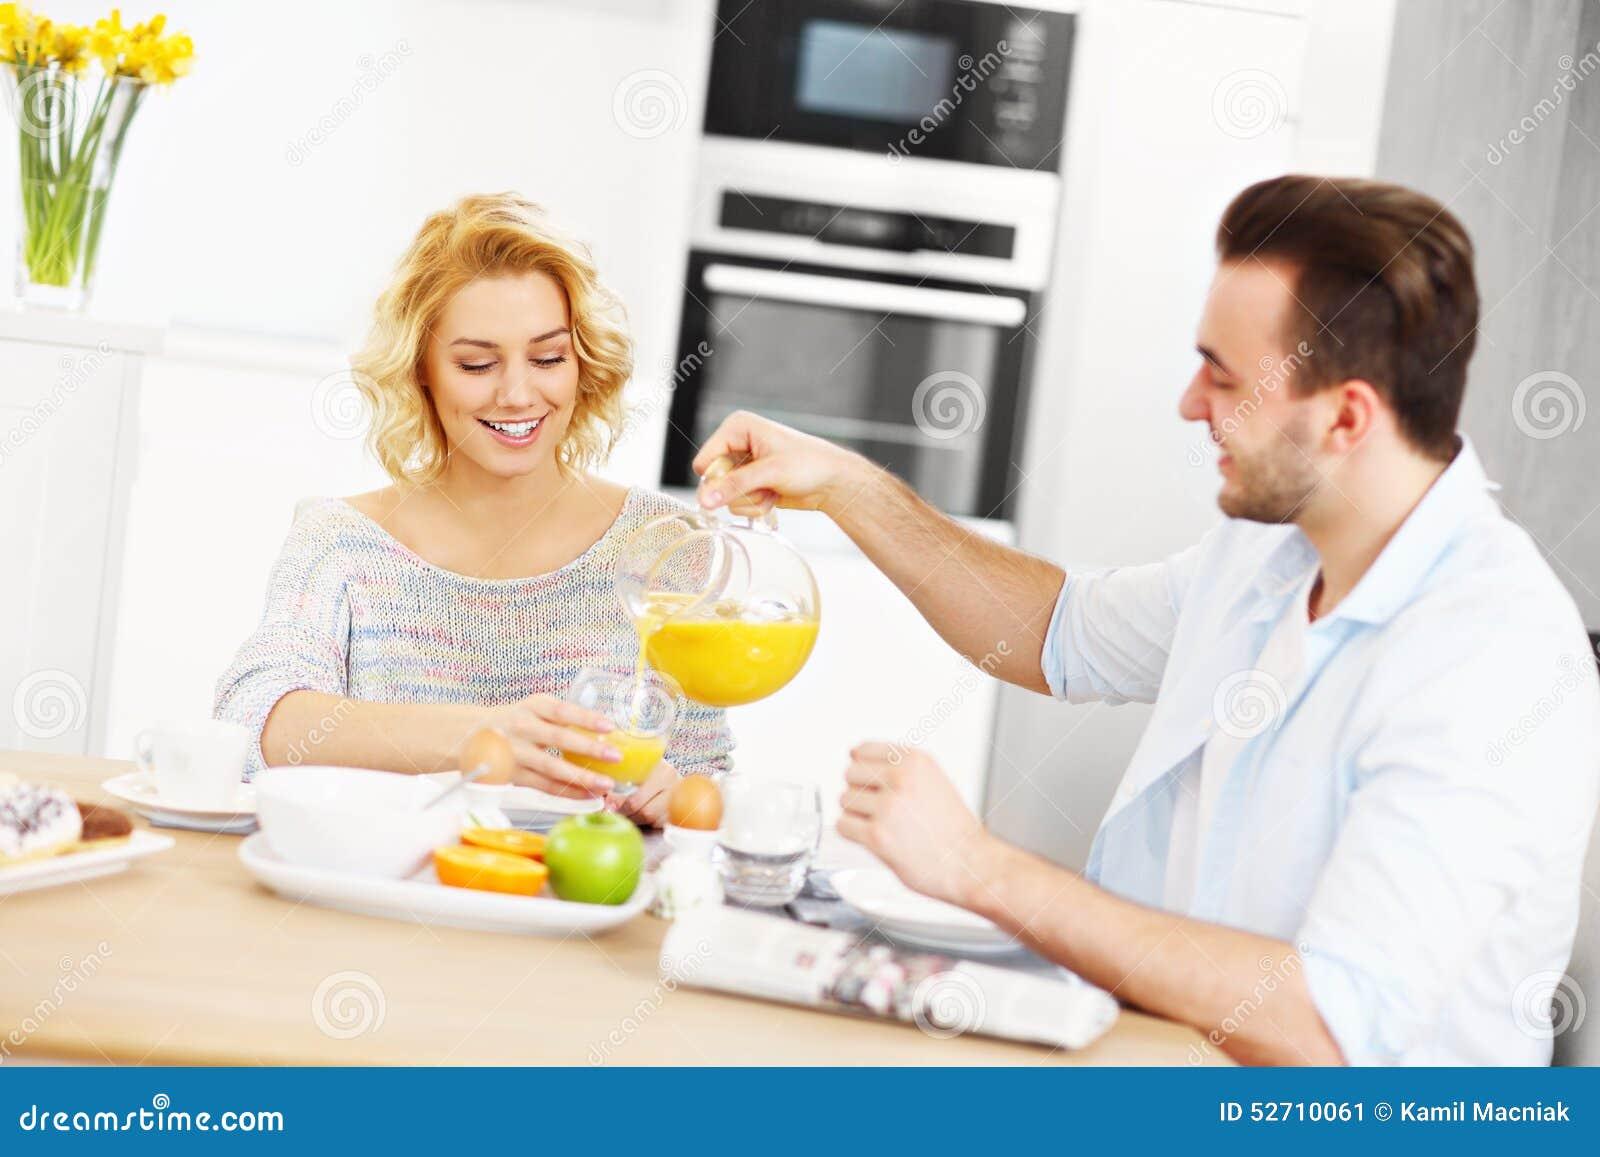 Junge Paare, Die Frühstück Essen Stockbild - Bild von mahlzeit ...